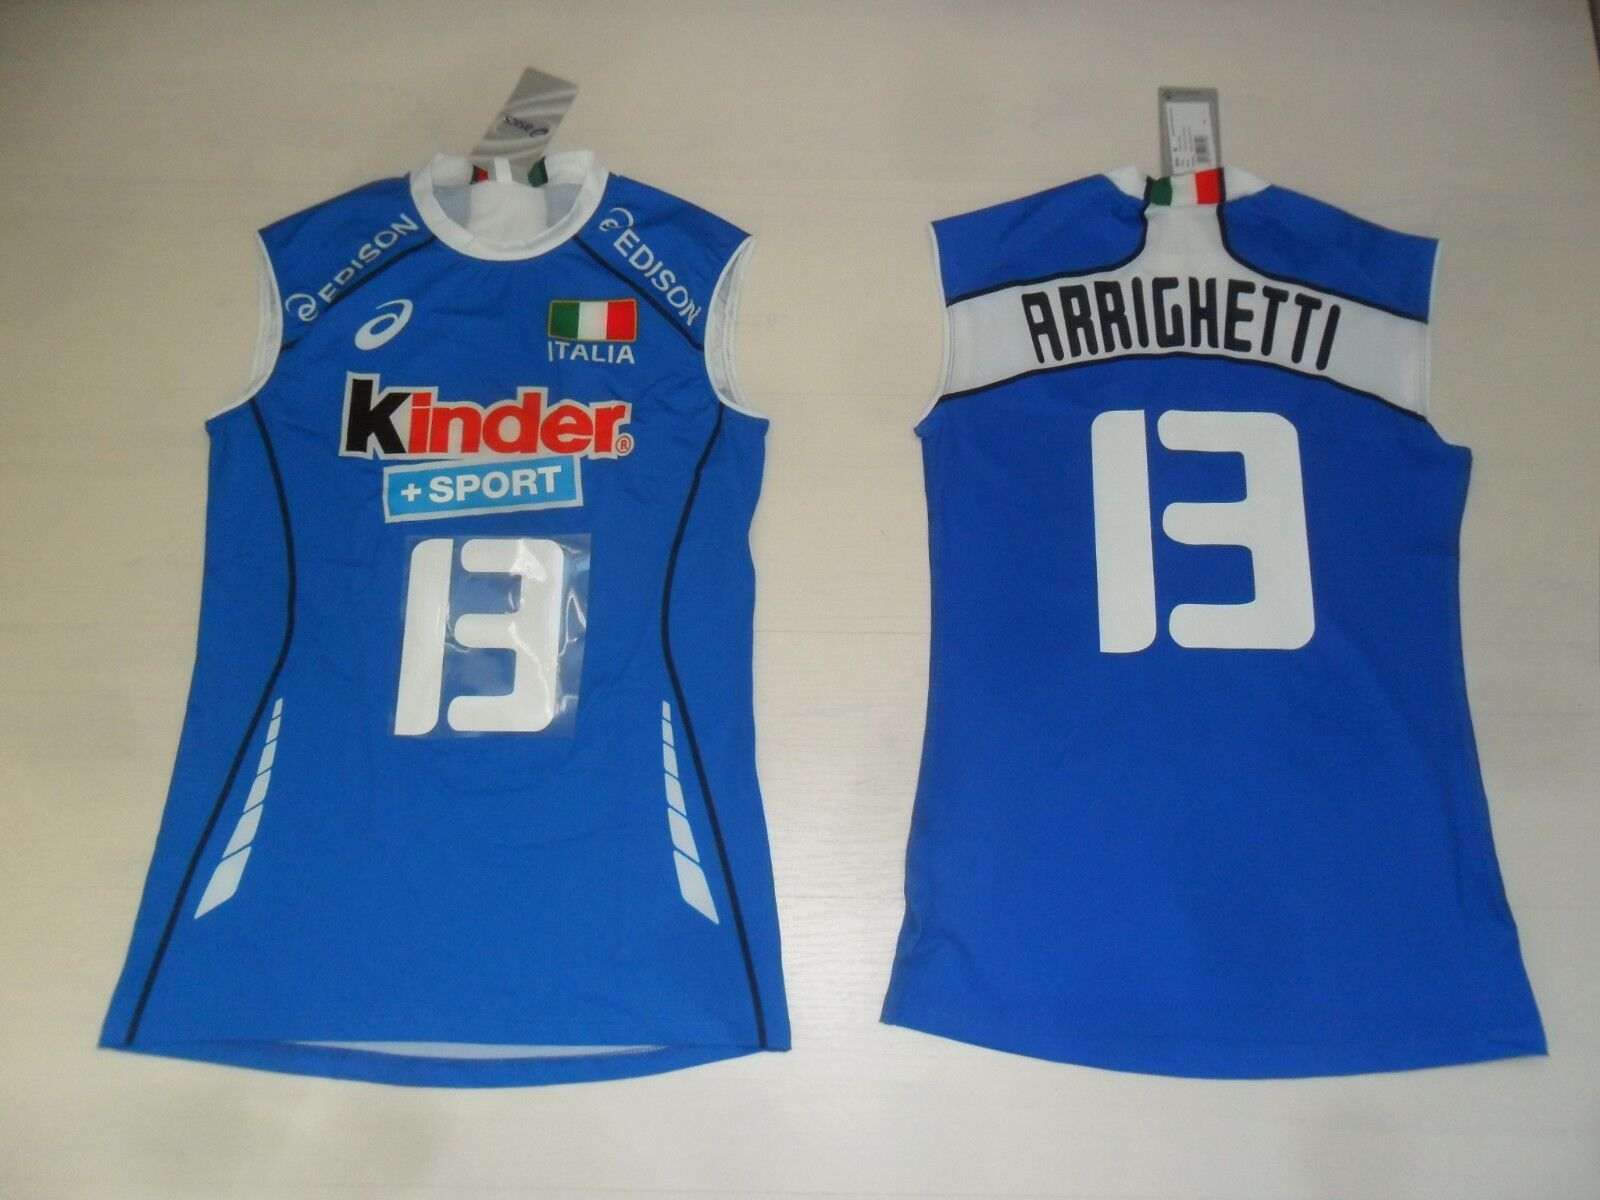 ITALIEN ITALIEN ITALIEN FIPAV TRIKOT ABEL T-SHIRT VOLLEYBALL FRAUEN VOLLEYBALL FRAUEN N 87f8c6